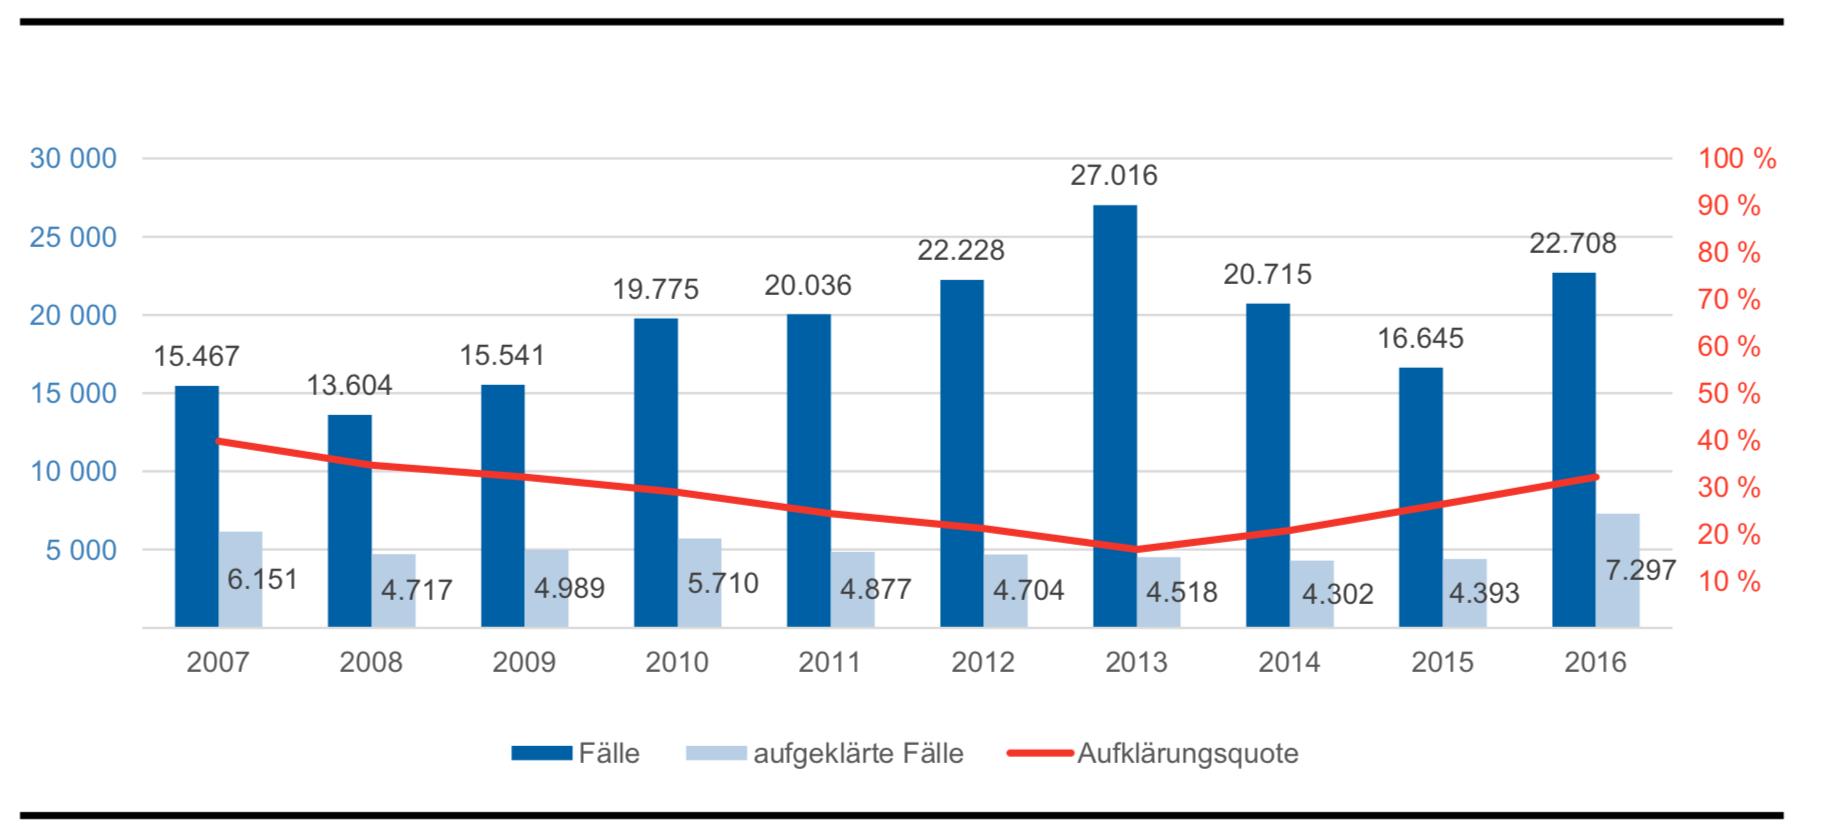 Cybercrime Bundeslagebild 2016 - Ferner: Rechtsanwalt für Strafrecht, Verkehrsrecht, IT-Recht Aachen